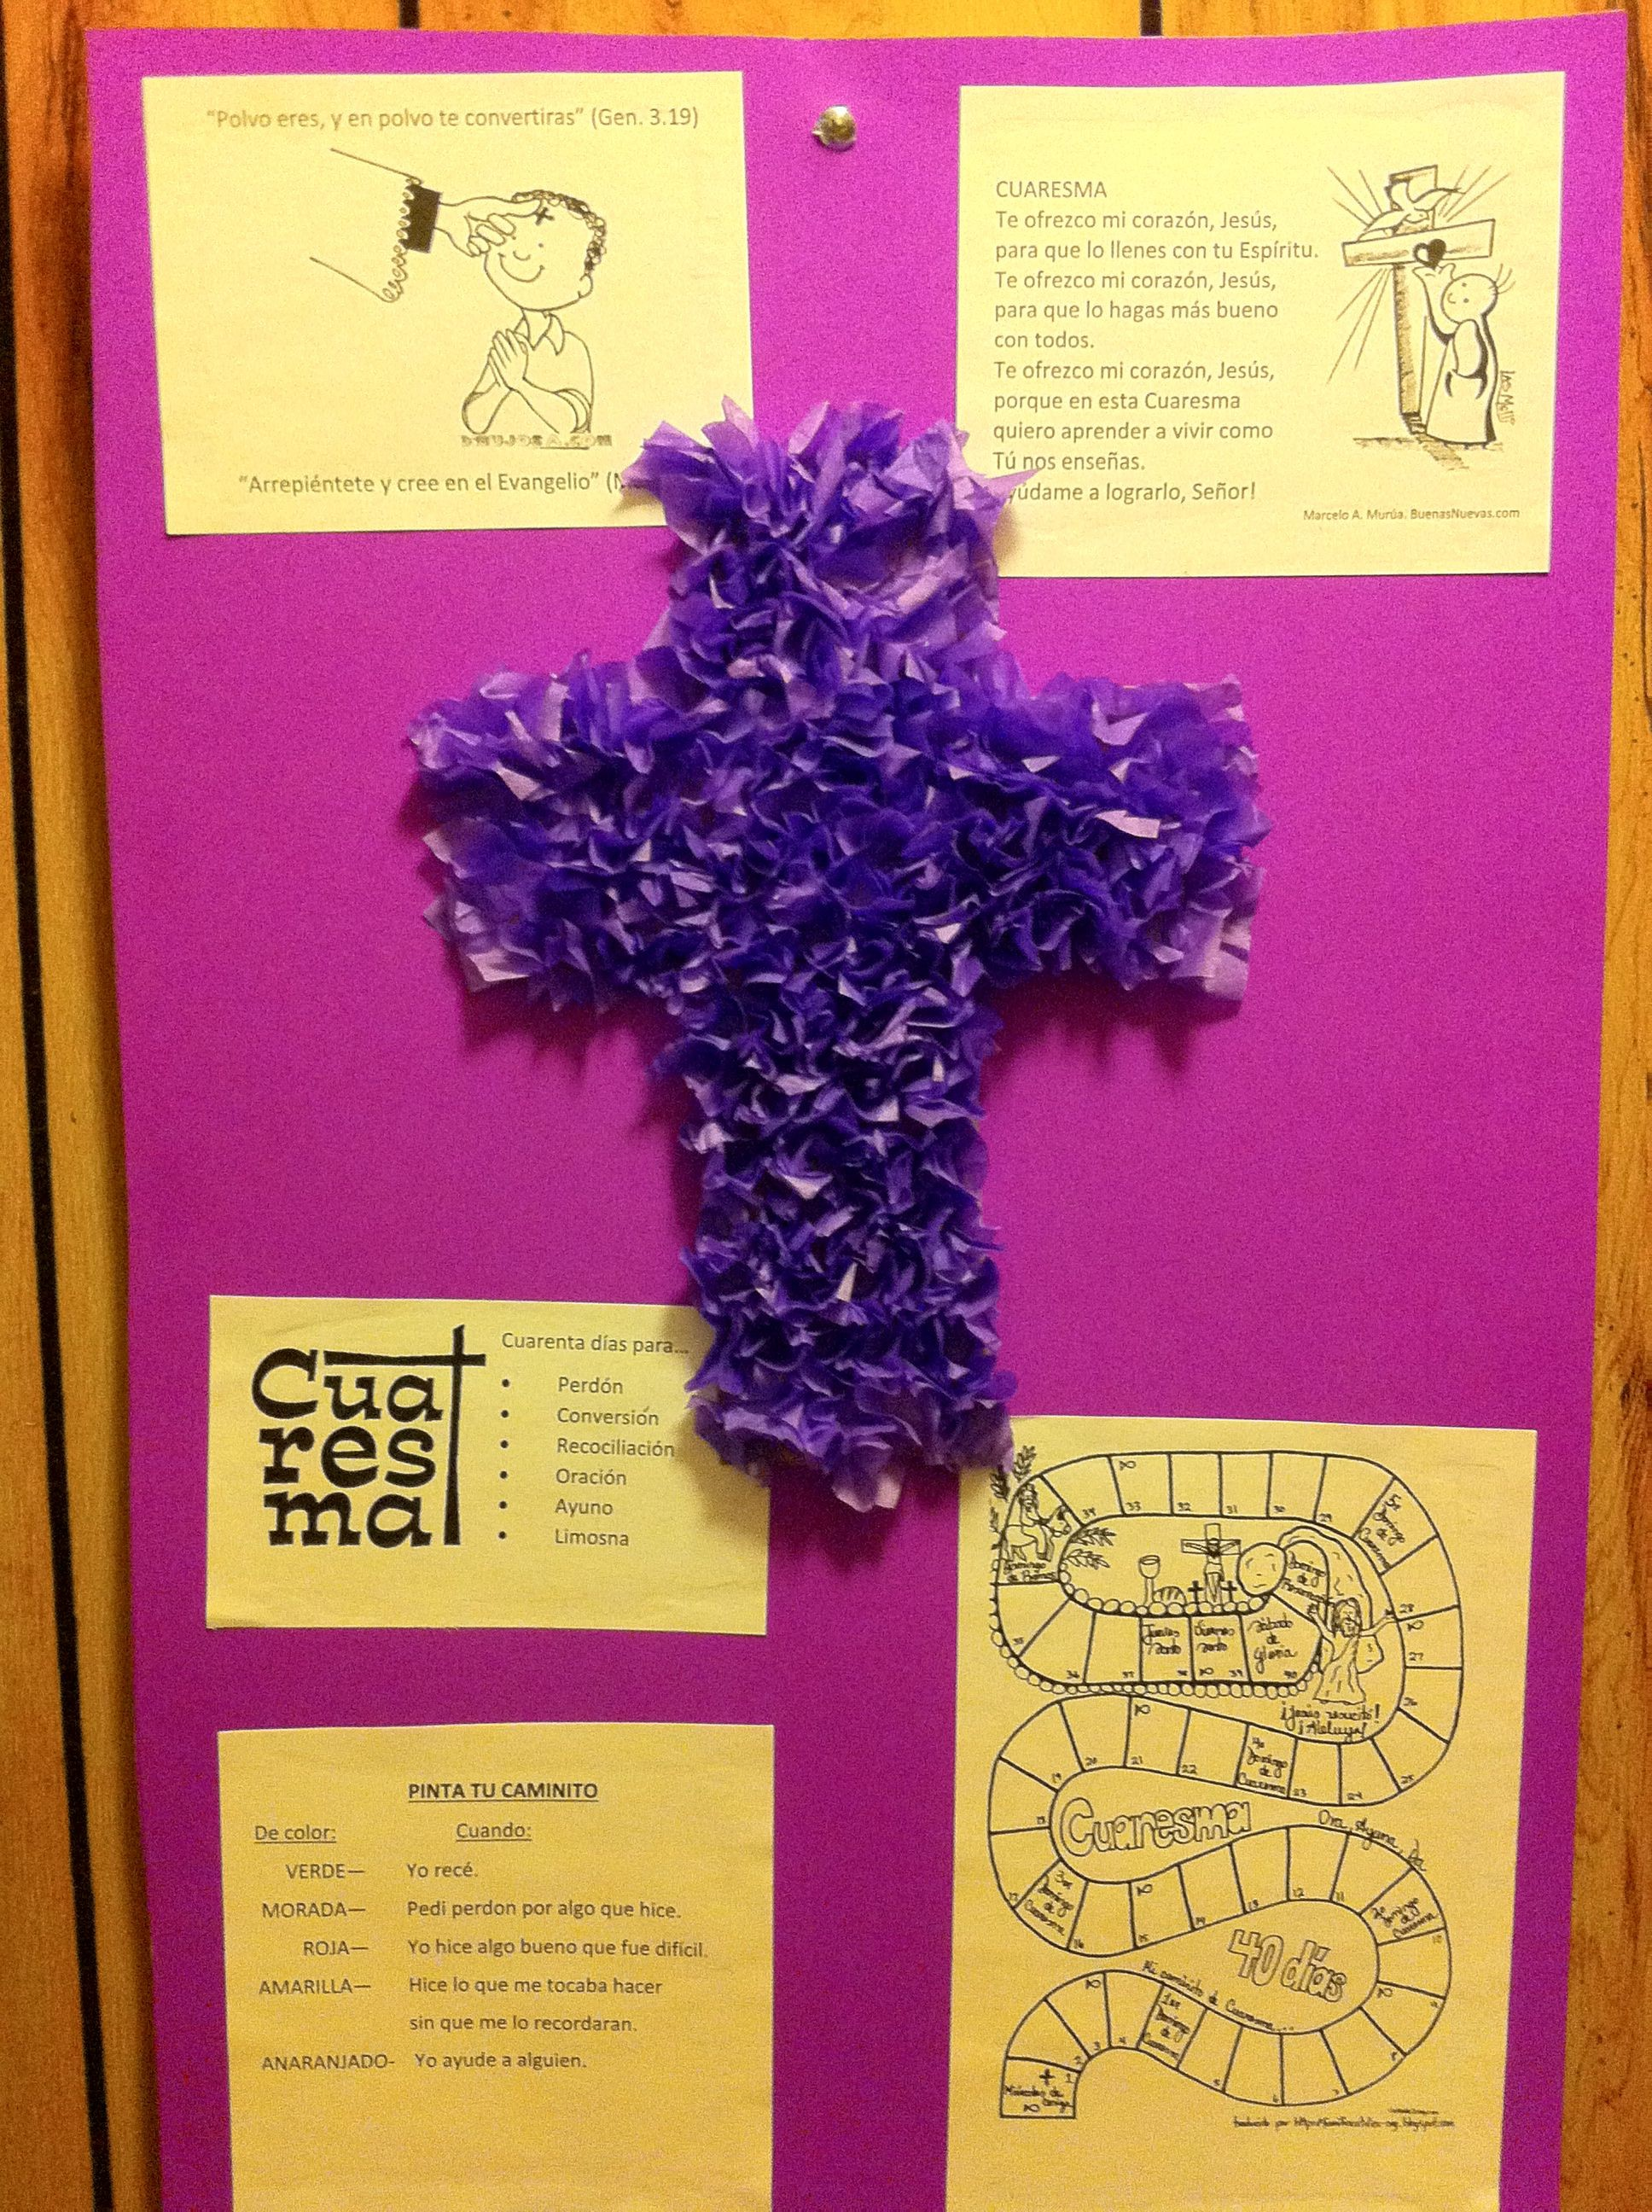 Poster de Cuaresma Cruz morada hecha de papel de seda Miércoles de Ceniza dibujosA Oraci³n de los ni±os para la cuaresma BuenasNuevas y